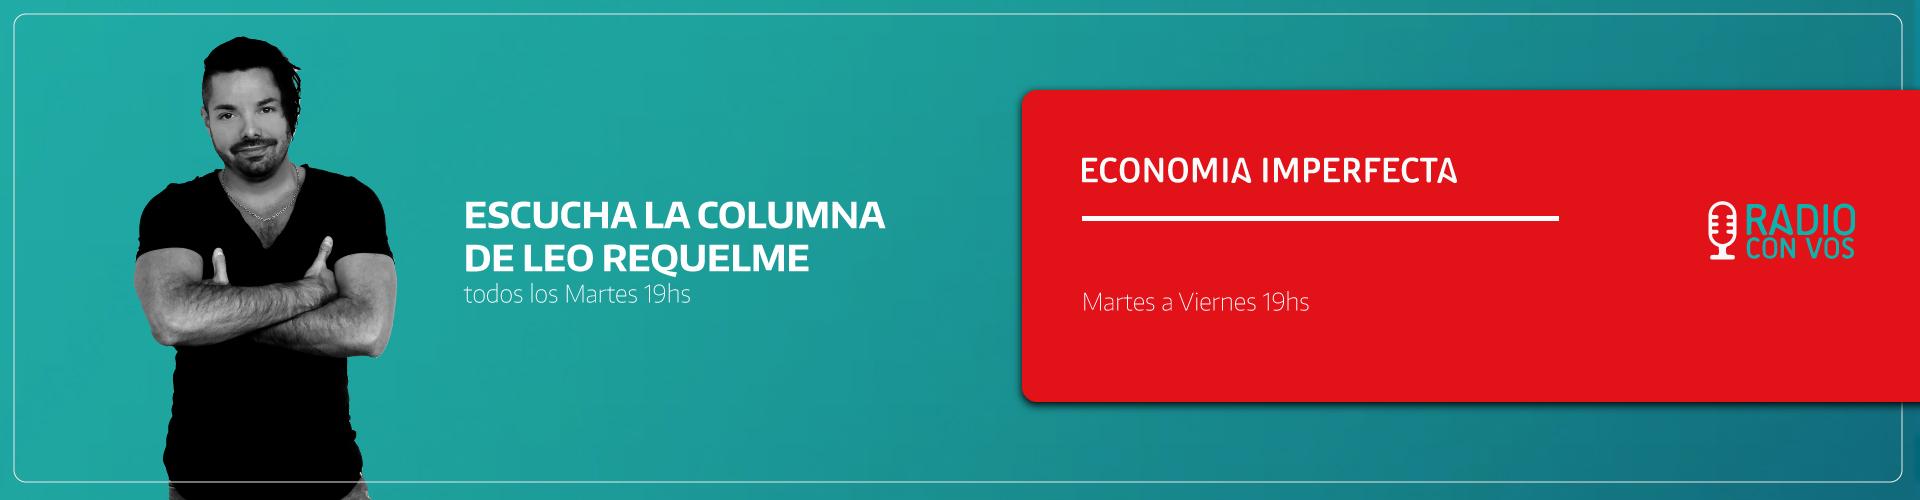 Banner publicitario Leo Requelme en Radio, Escucha su columna en Radio Con Vos.